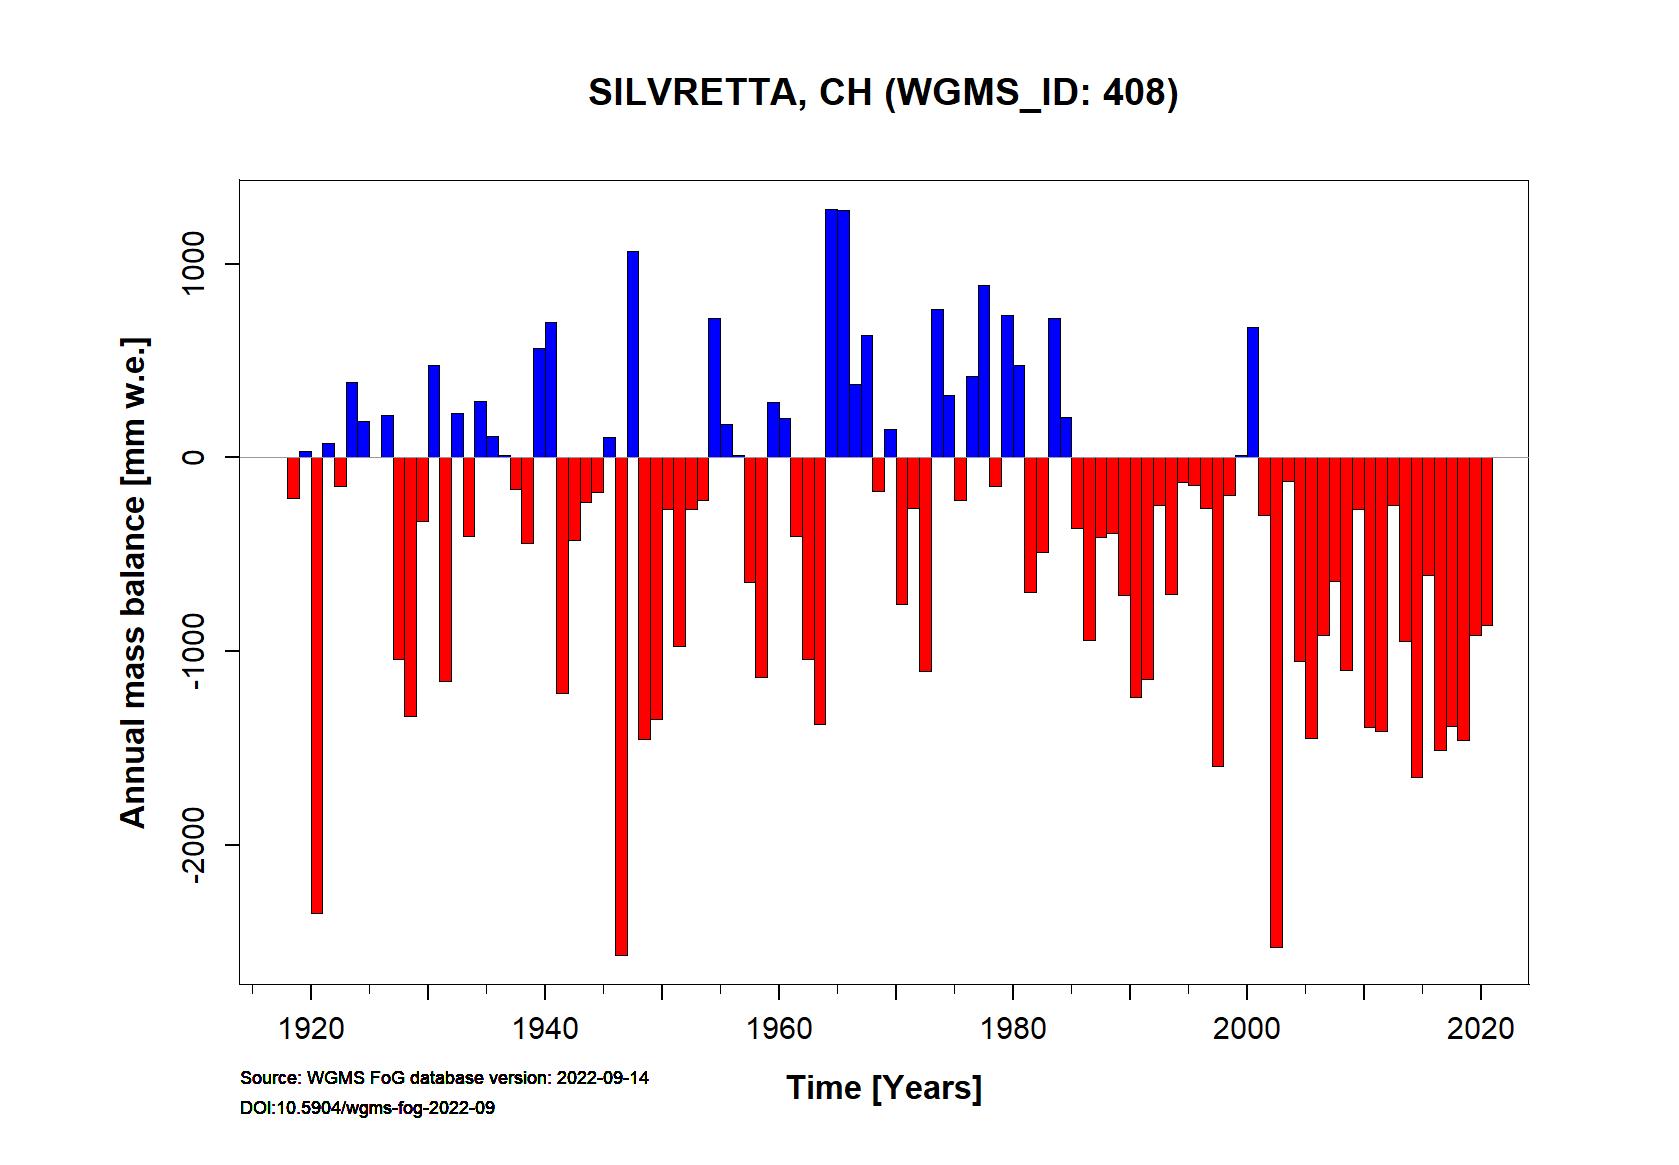 Silvretta glacier Annual Mass Balance (WGMS, 2015)